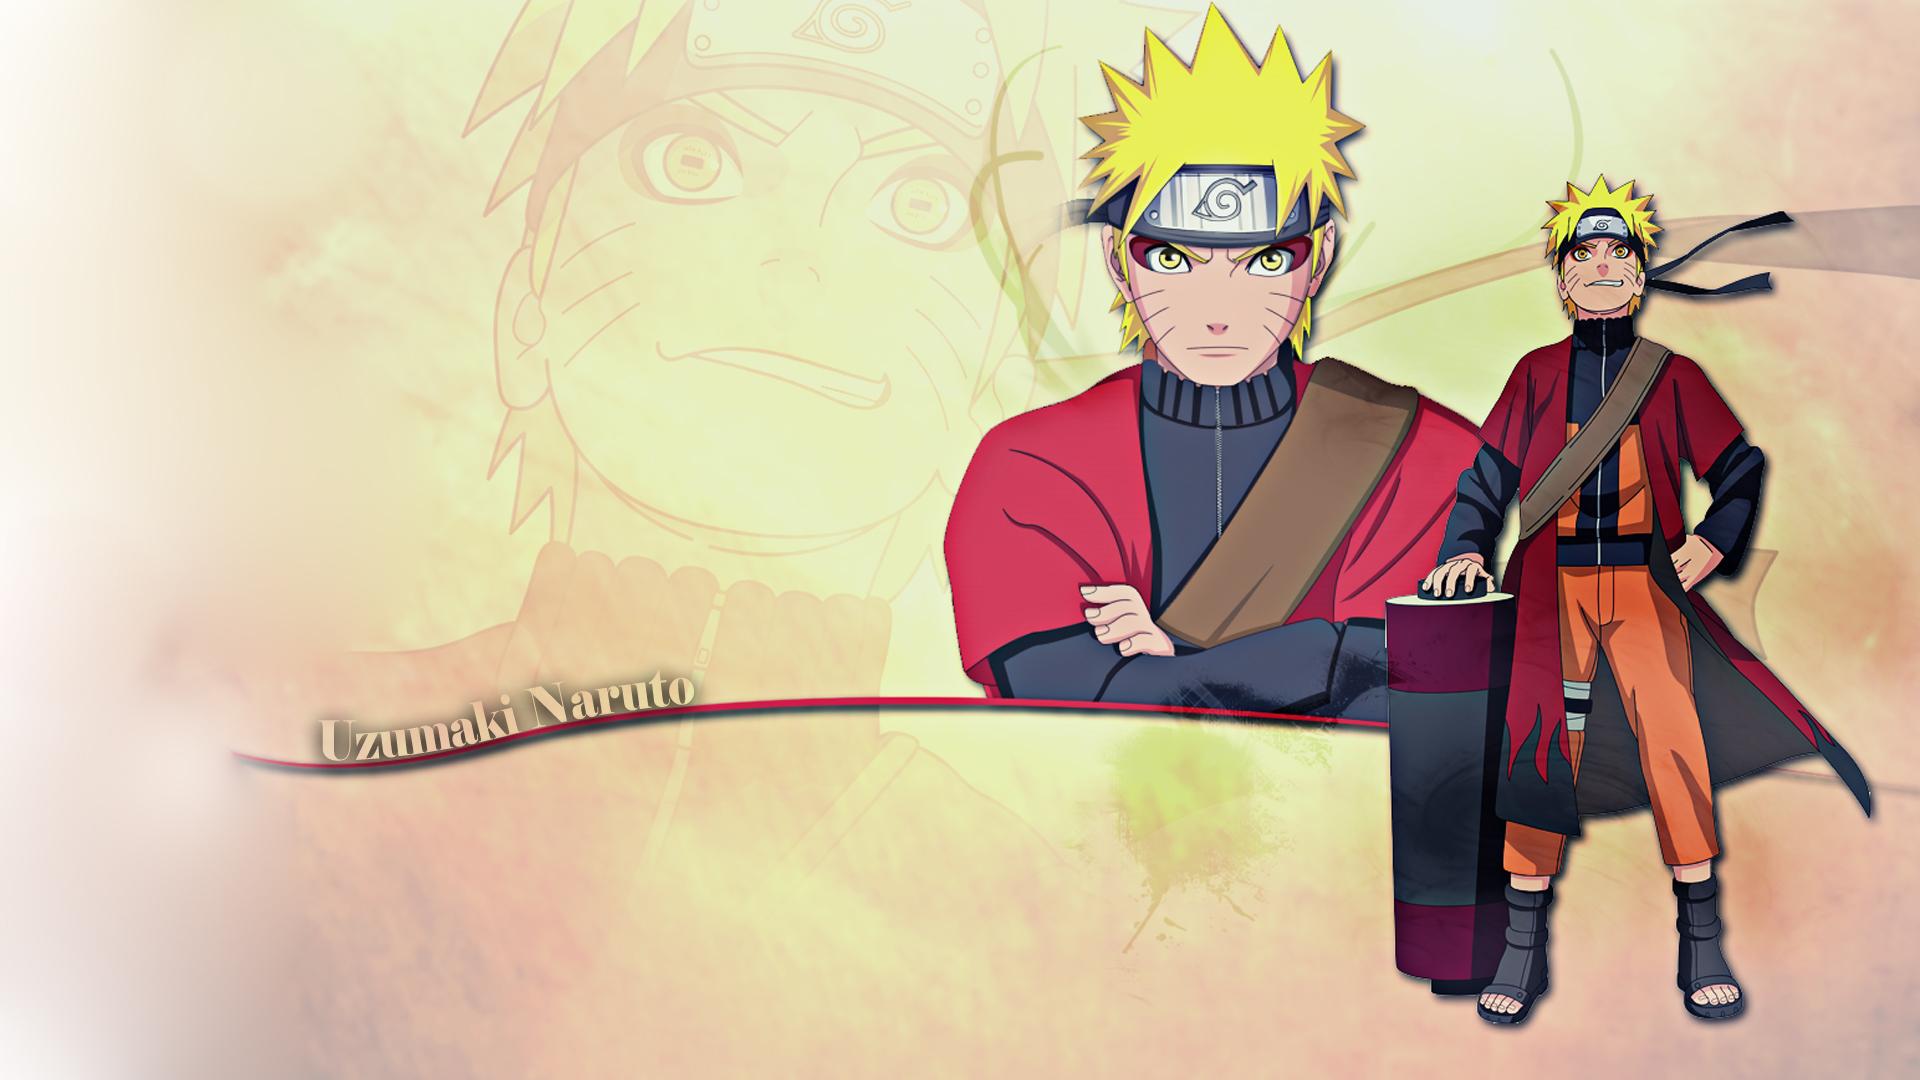 Naruto Sennin Hd Image Wallpaper Naruto Sage Mode 939938